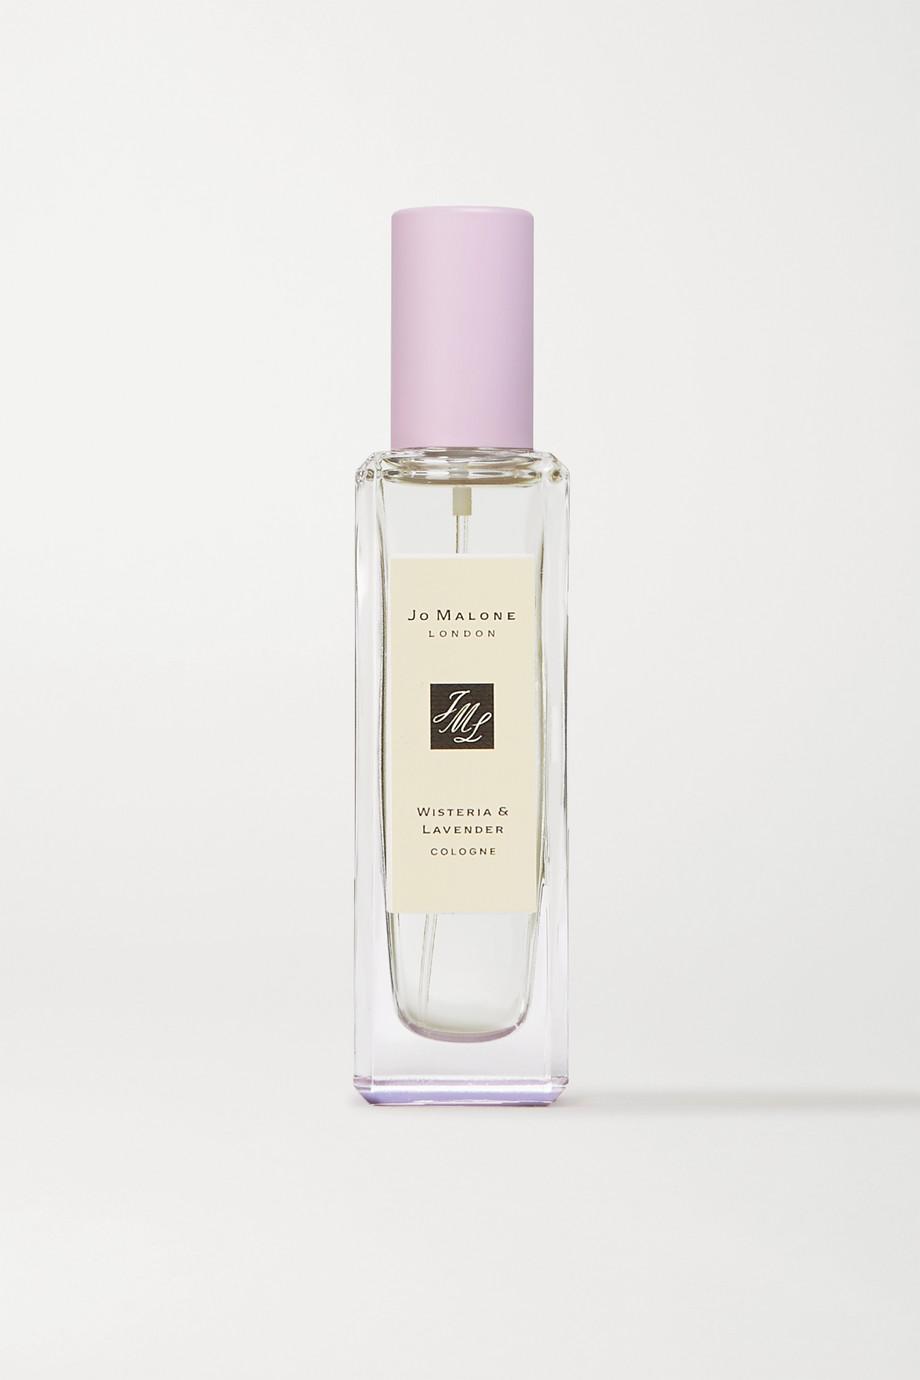 Jo Malone London Wisteria & Lavender Cologne, 30 ml – Eau de Cologne